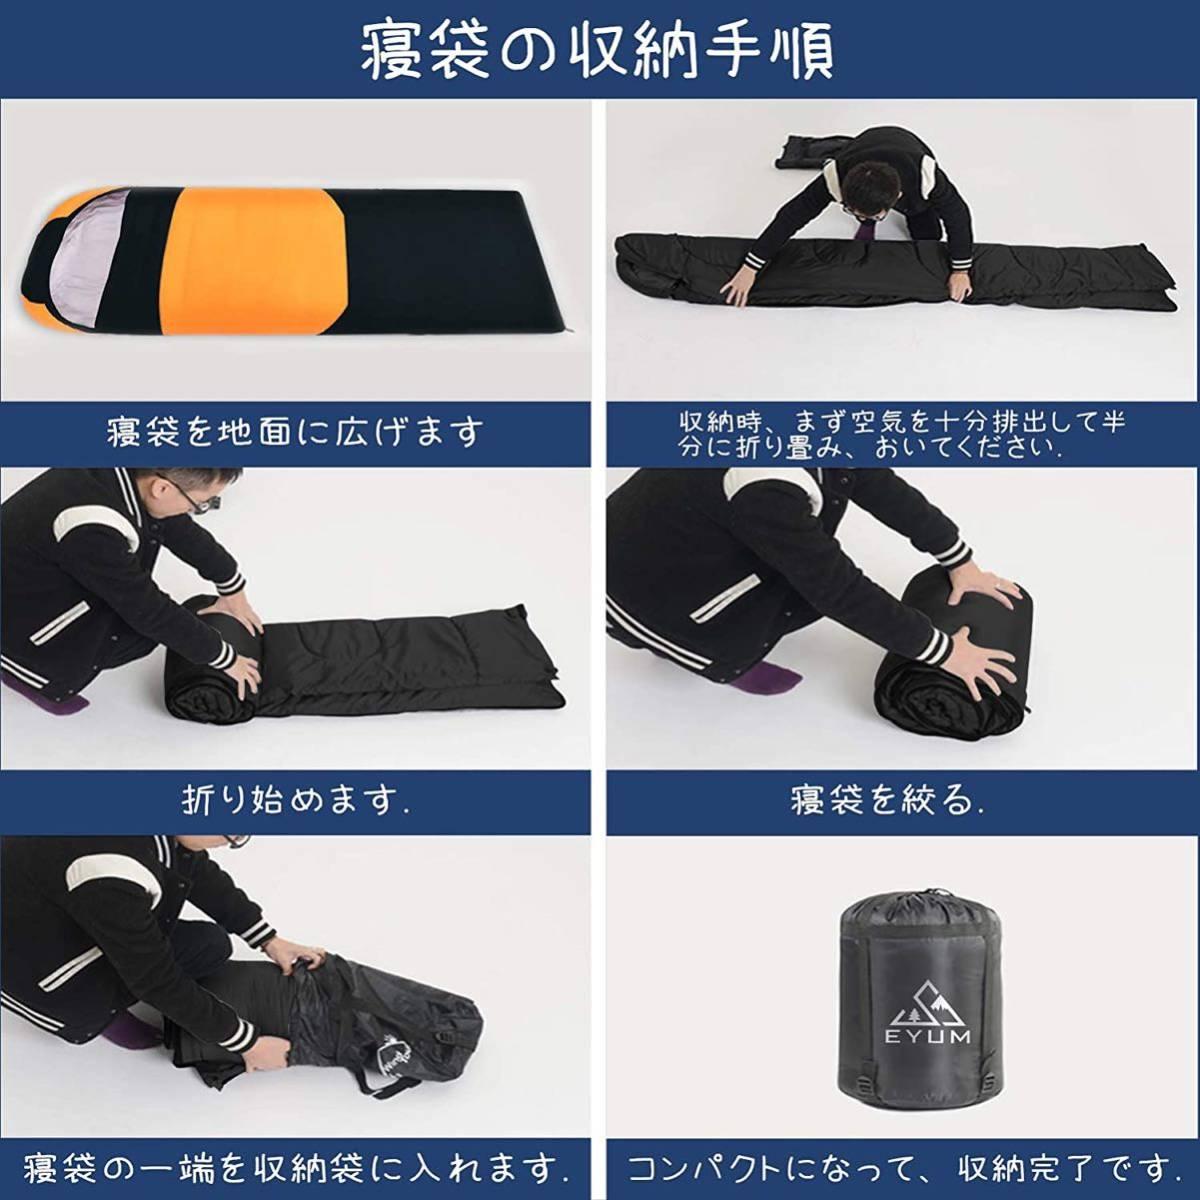 封筒型寝袋 軽量 アウトドア キャンプ 丸洗い可能 210T防水 収納袋付き